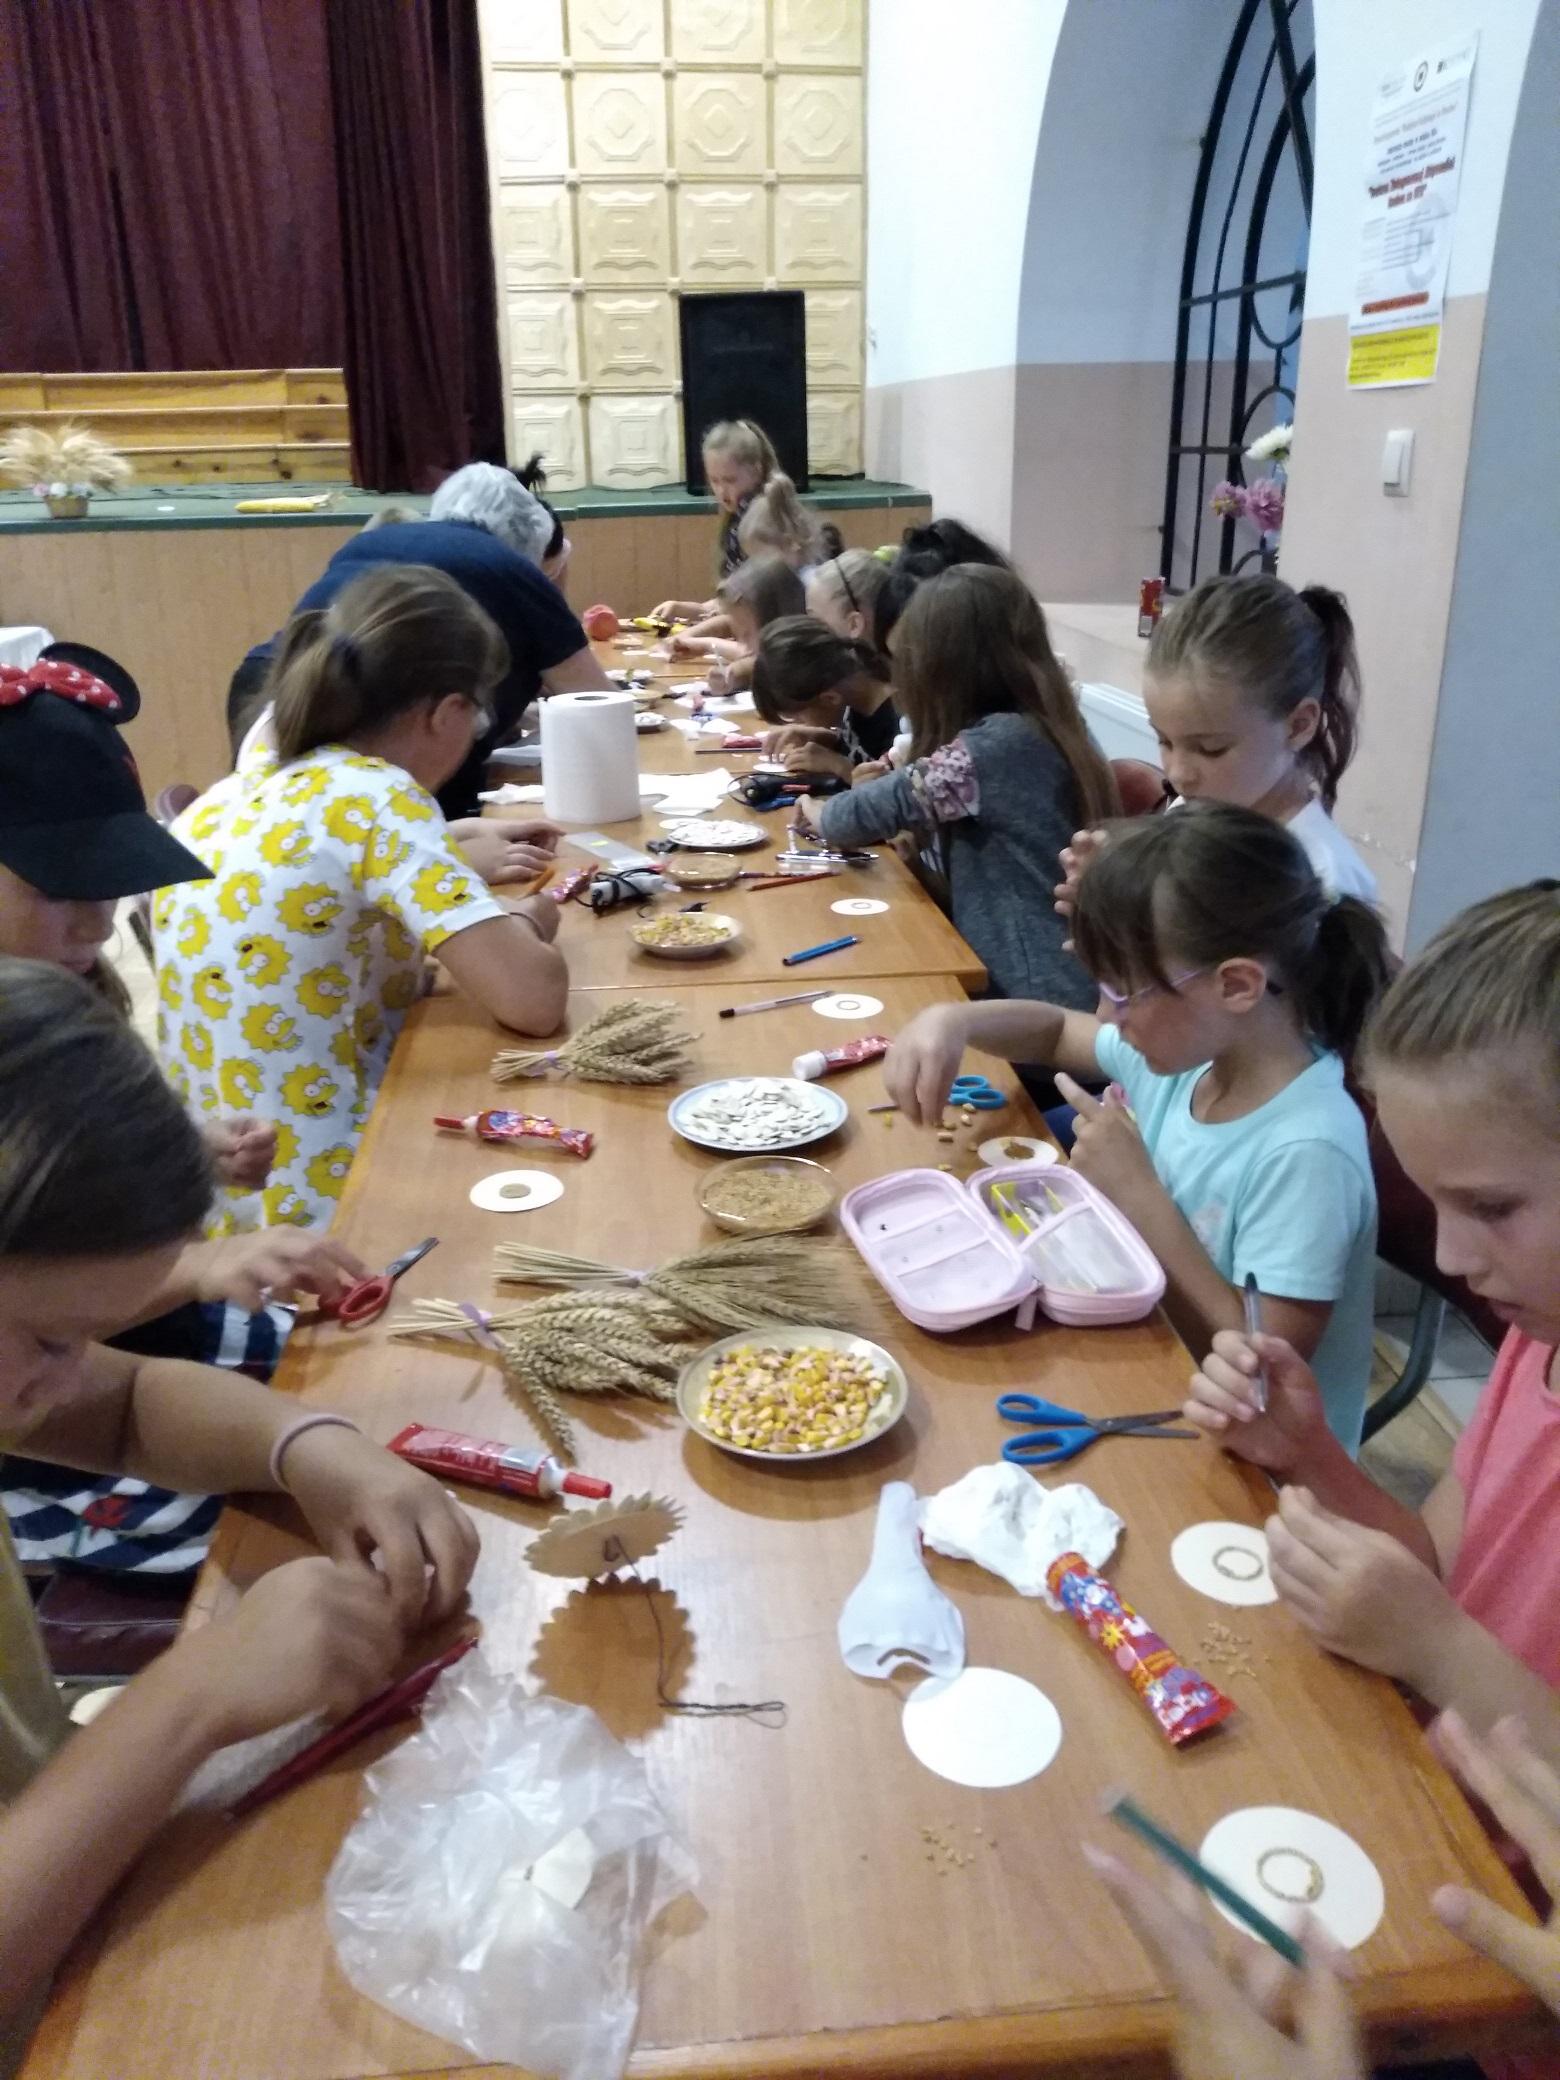 przy długim stole siedzi około dwudziestki dzieci. Na małych okrągłych karteczkach za pomocą różnego rodzaju ziaren tworzą wzory kwiatów